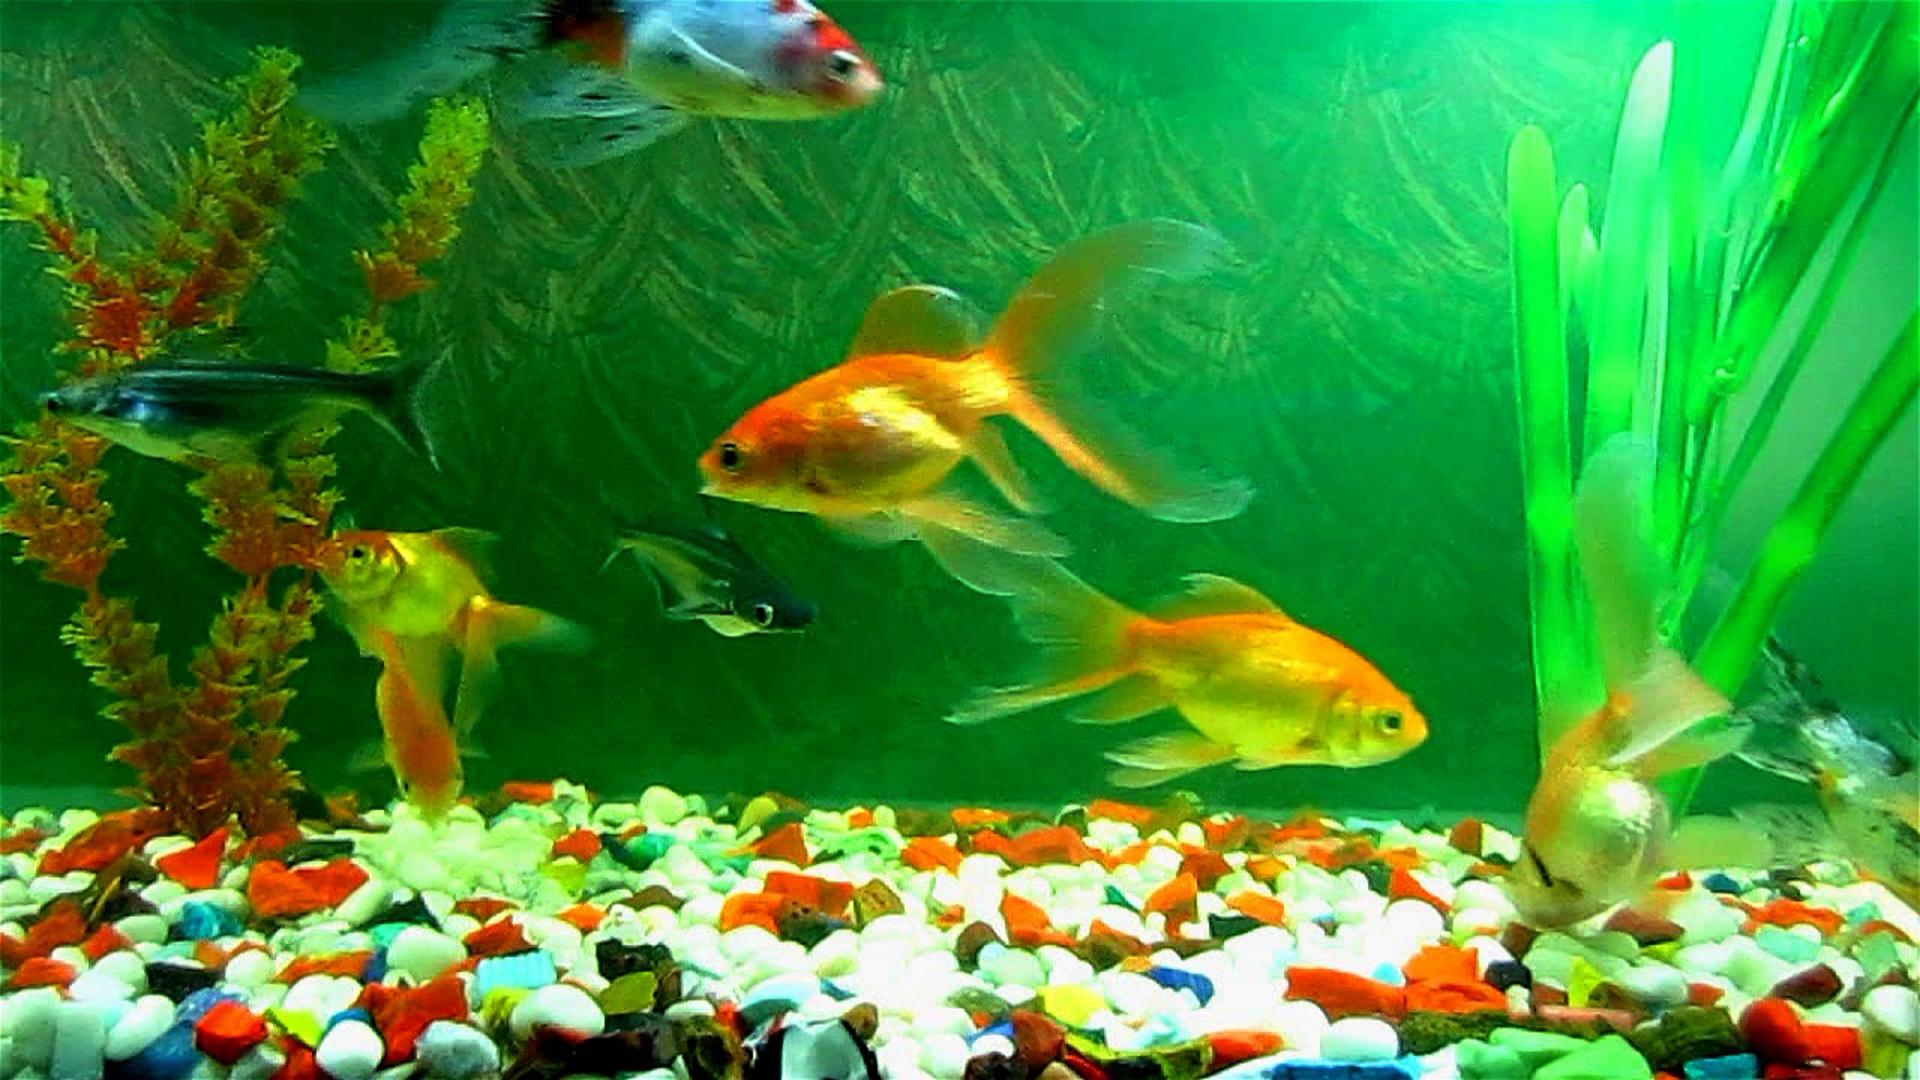 Fish aquarium live wallpaper for pc - Wincustomize Explore Dream Aquarium Ii